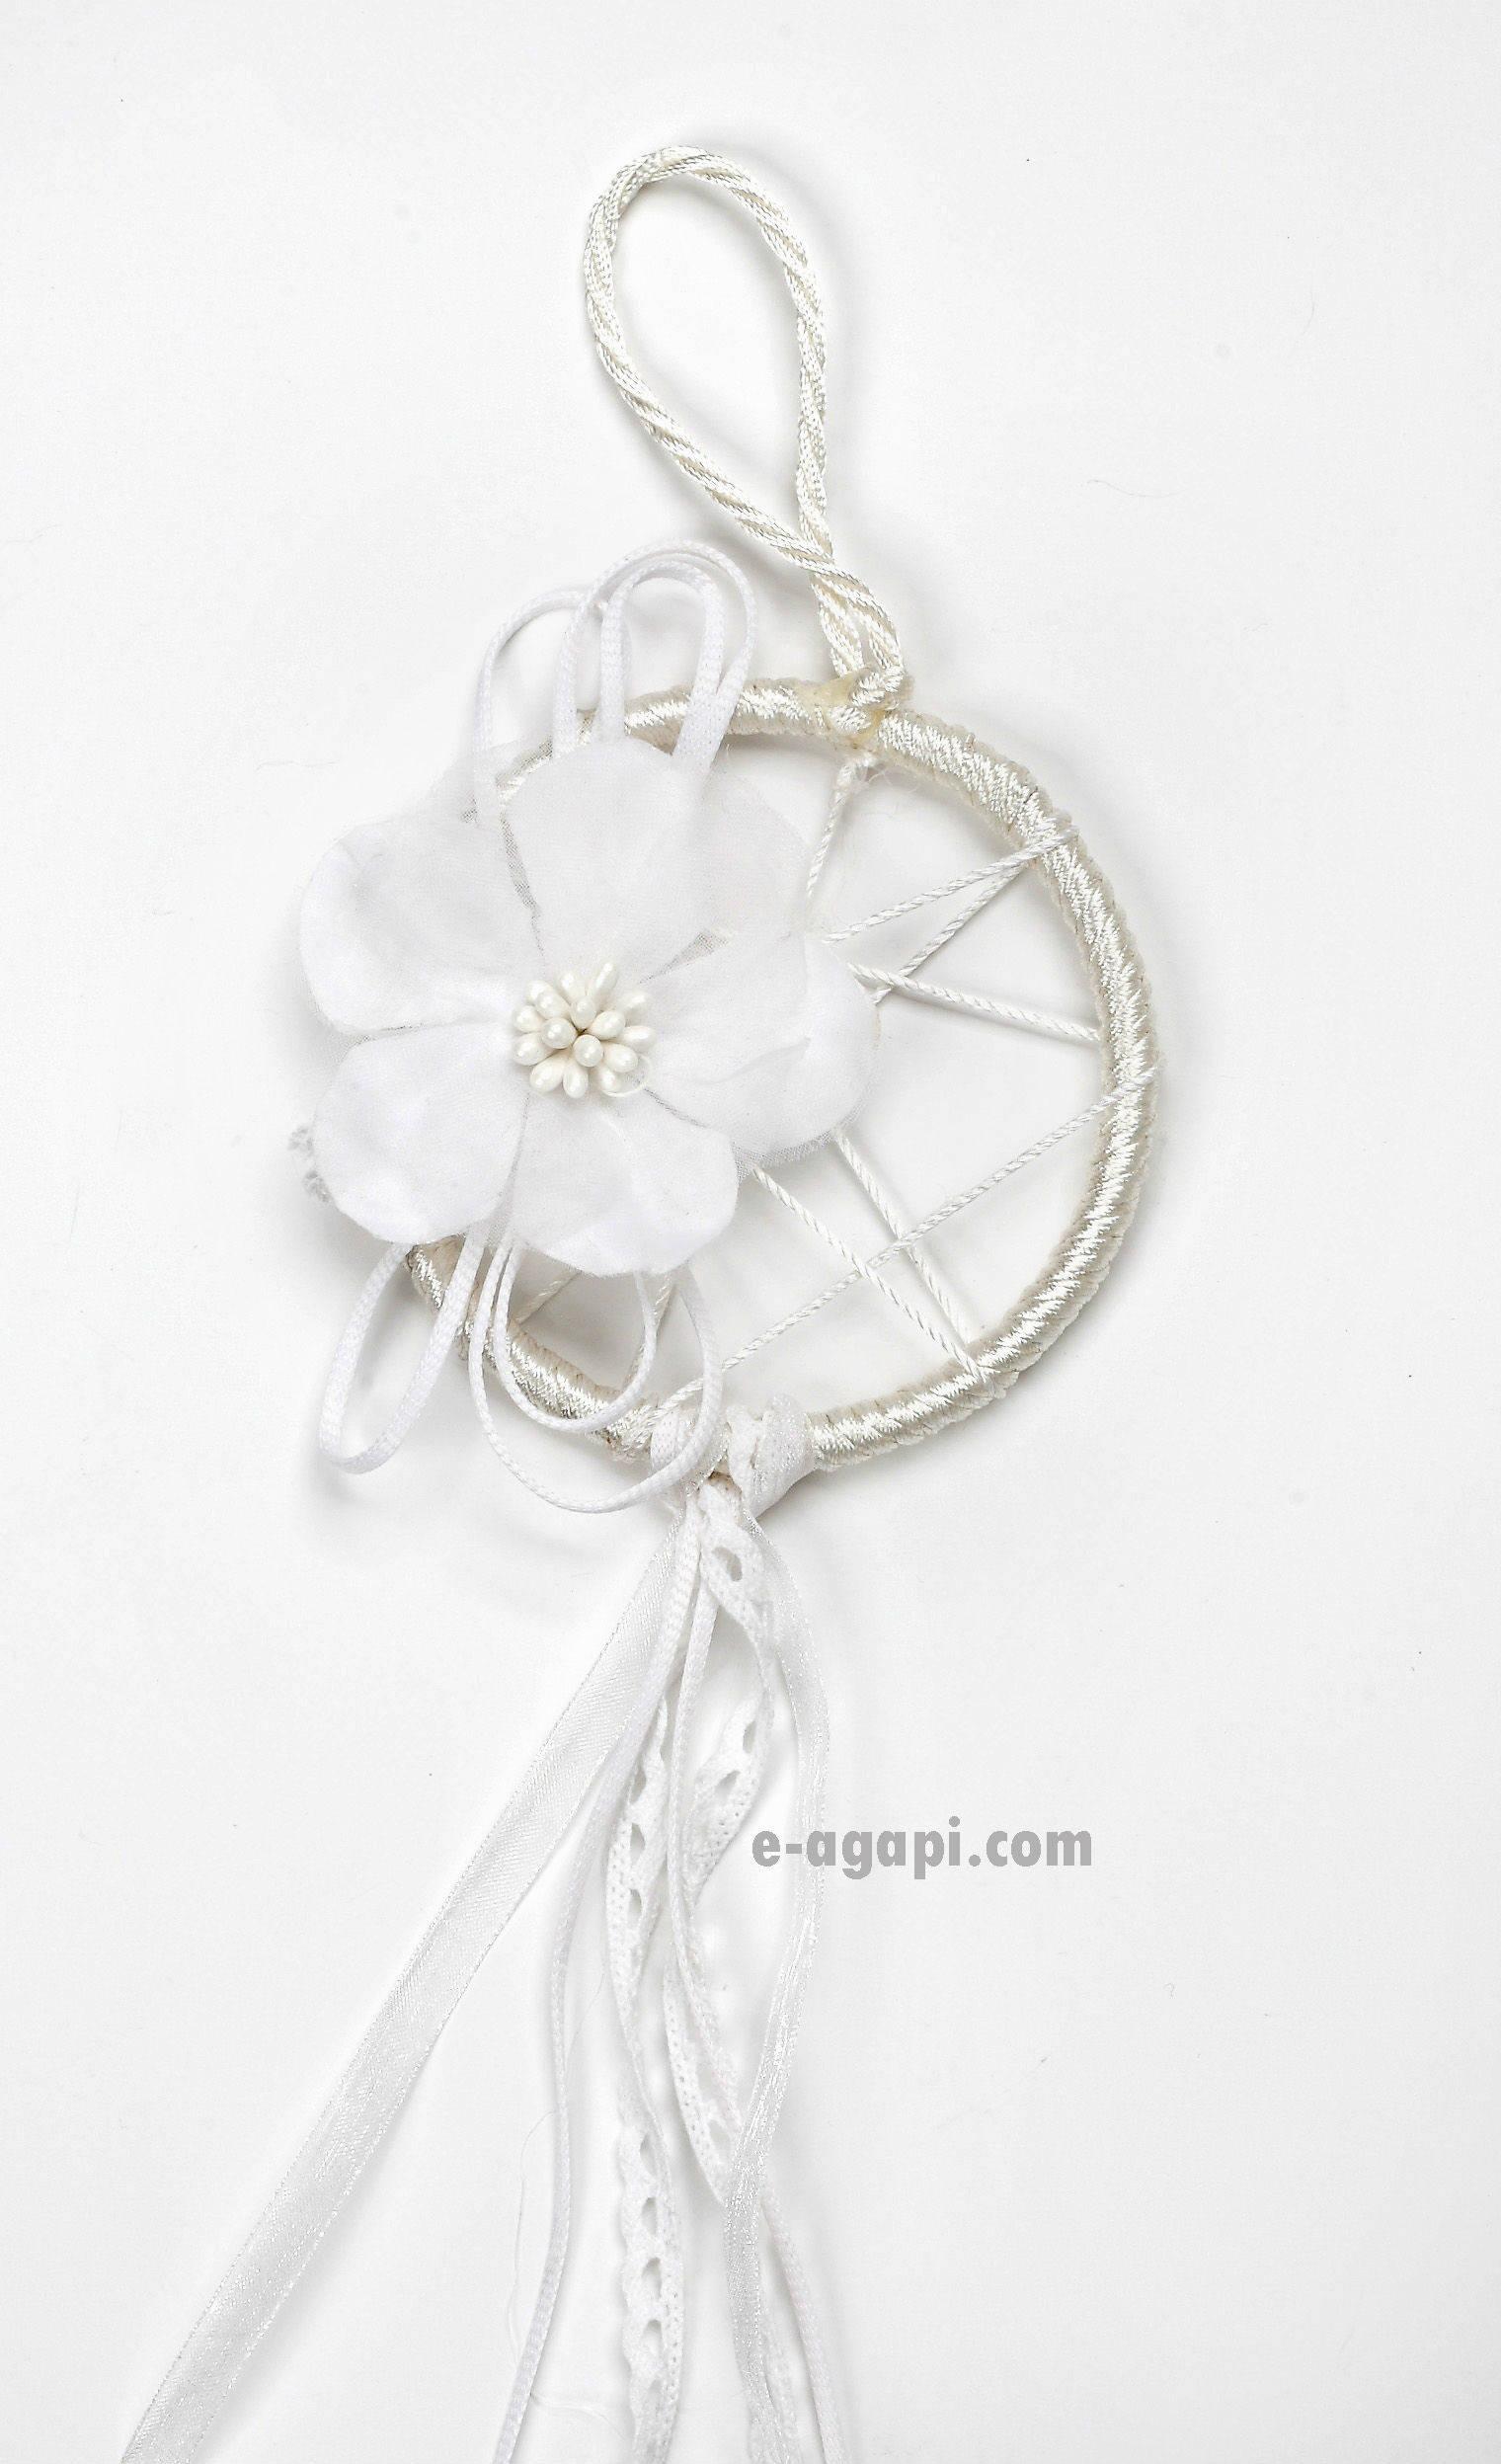 Dreamcatcher Wedding favors 50-200 lace wedding bombonieres